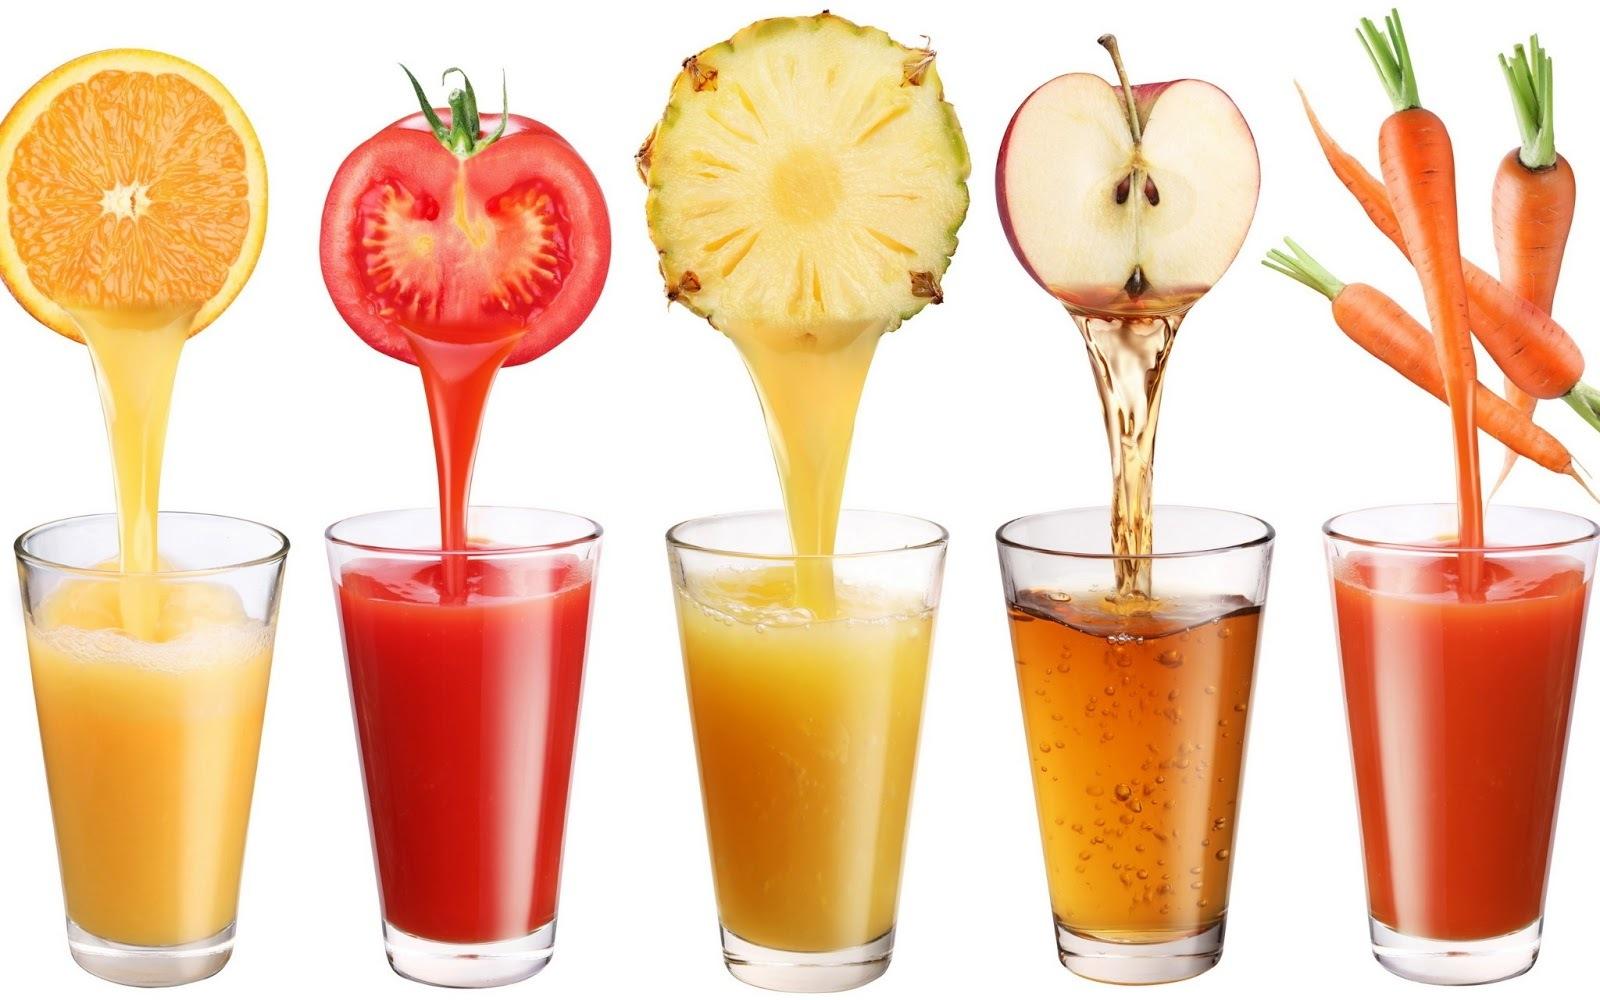 Sinh tố và nước ép hoa quả, bạn chọn thứ nào?